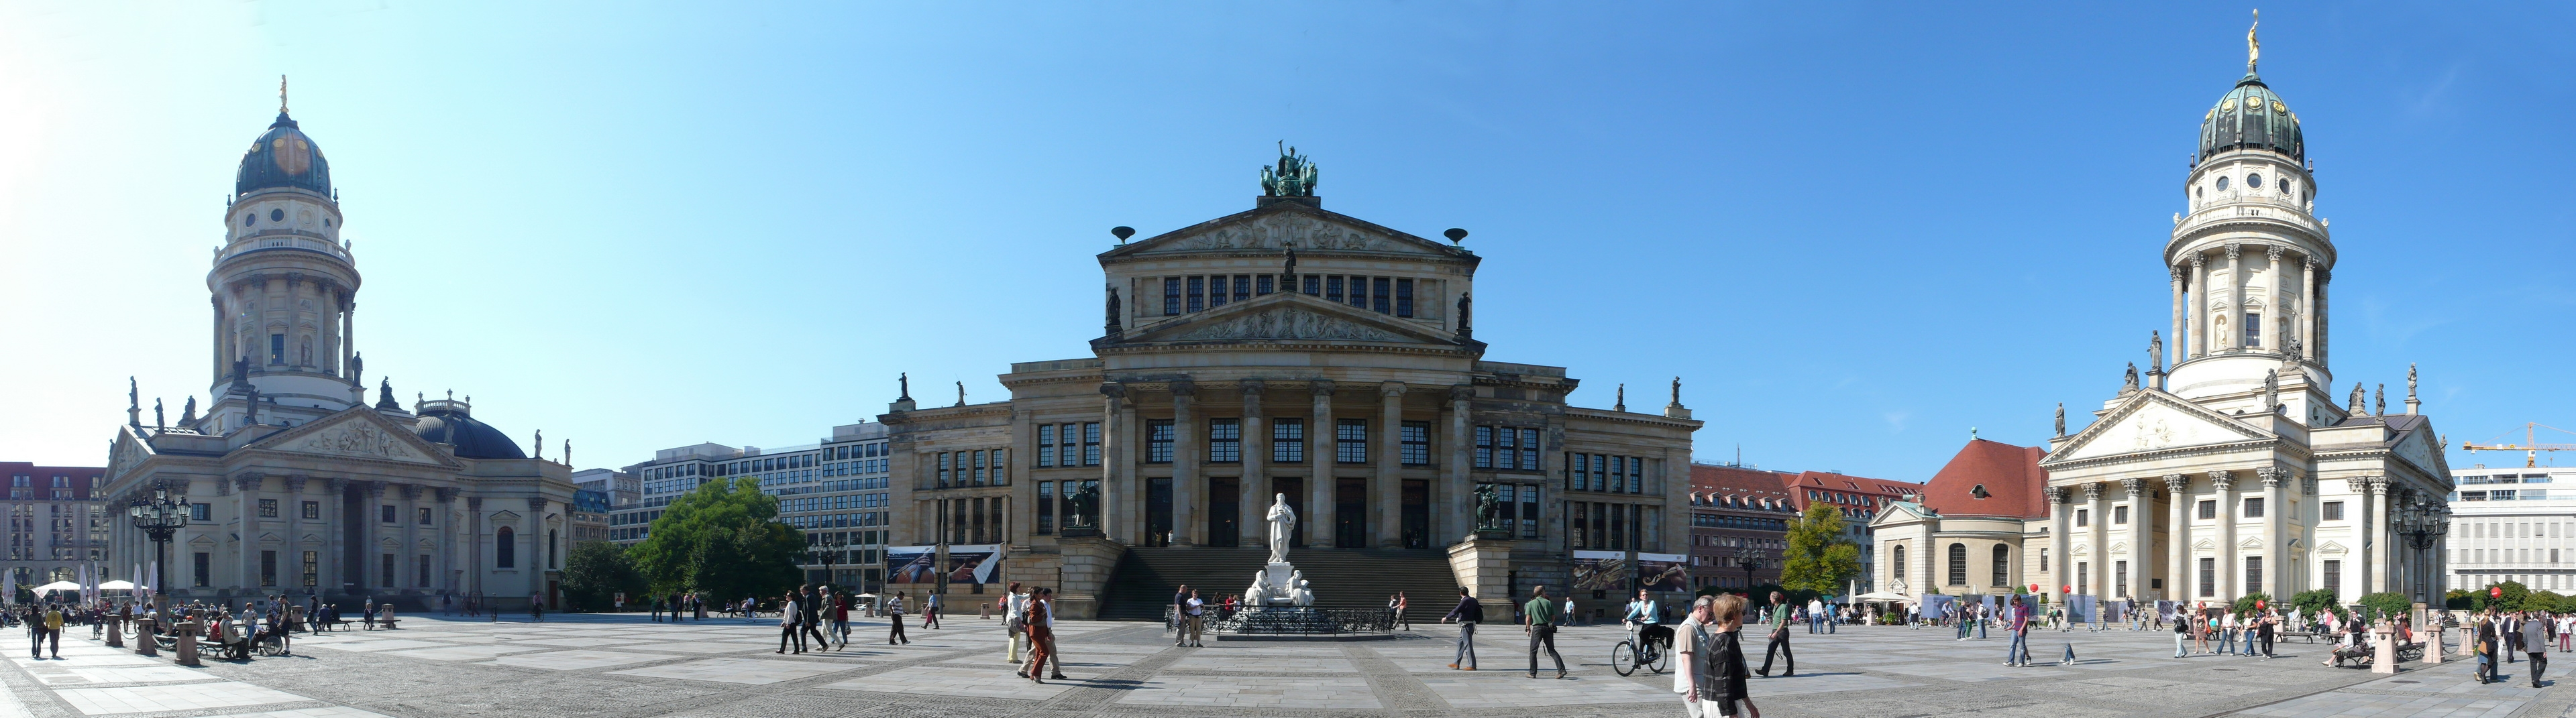 berlin_gendarmenmarkt_ost